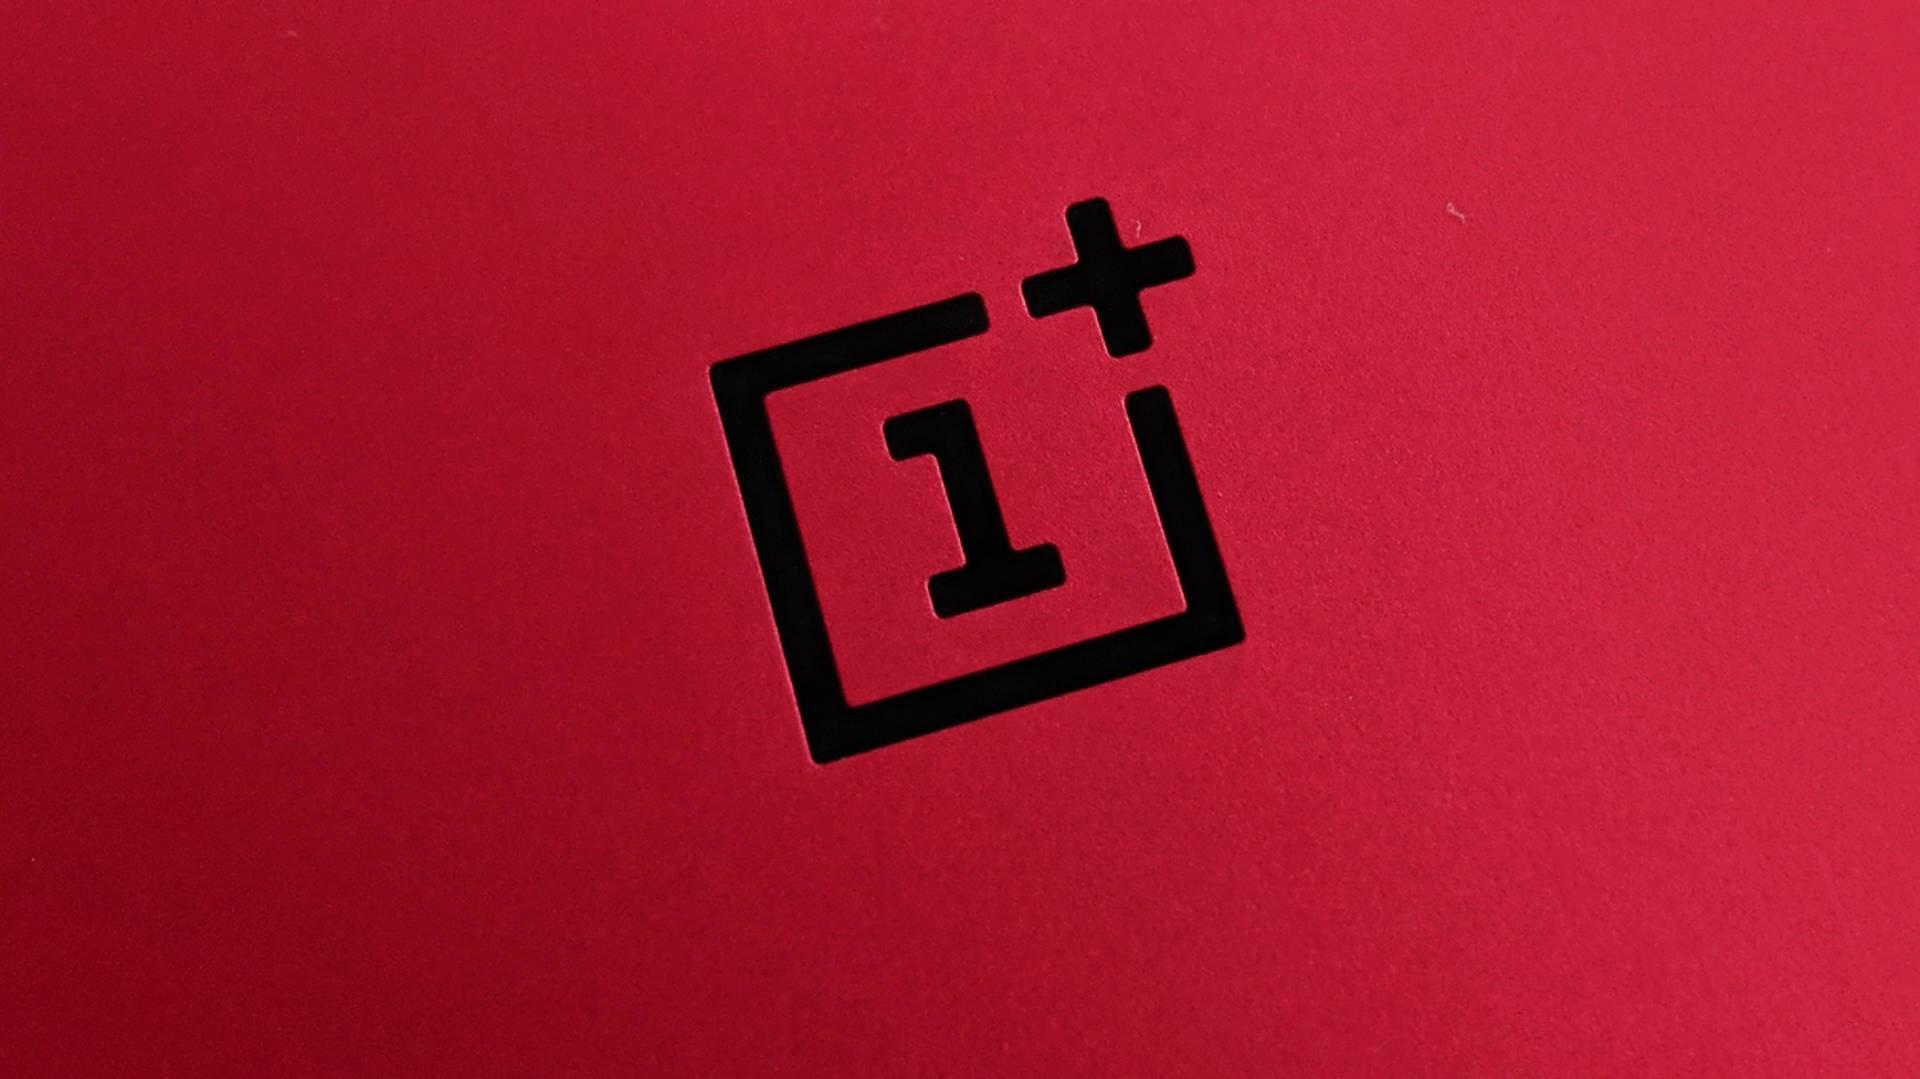 Как добавить Google Feed в стандартный лаунчер OnePlus 6